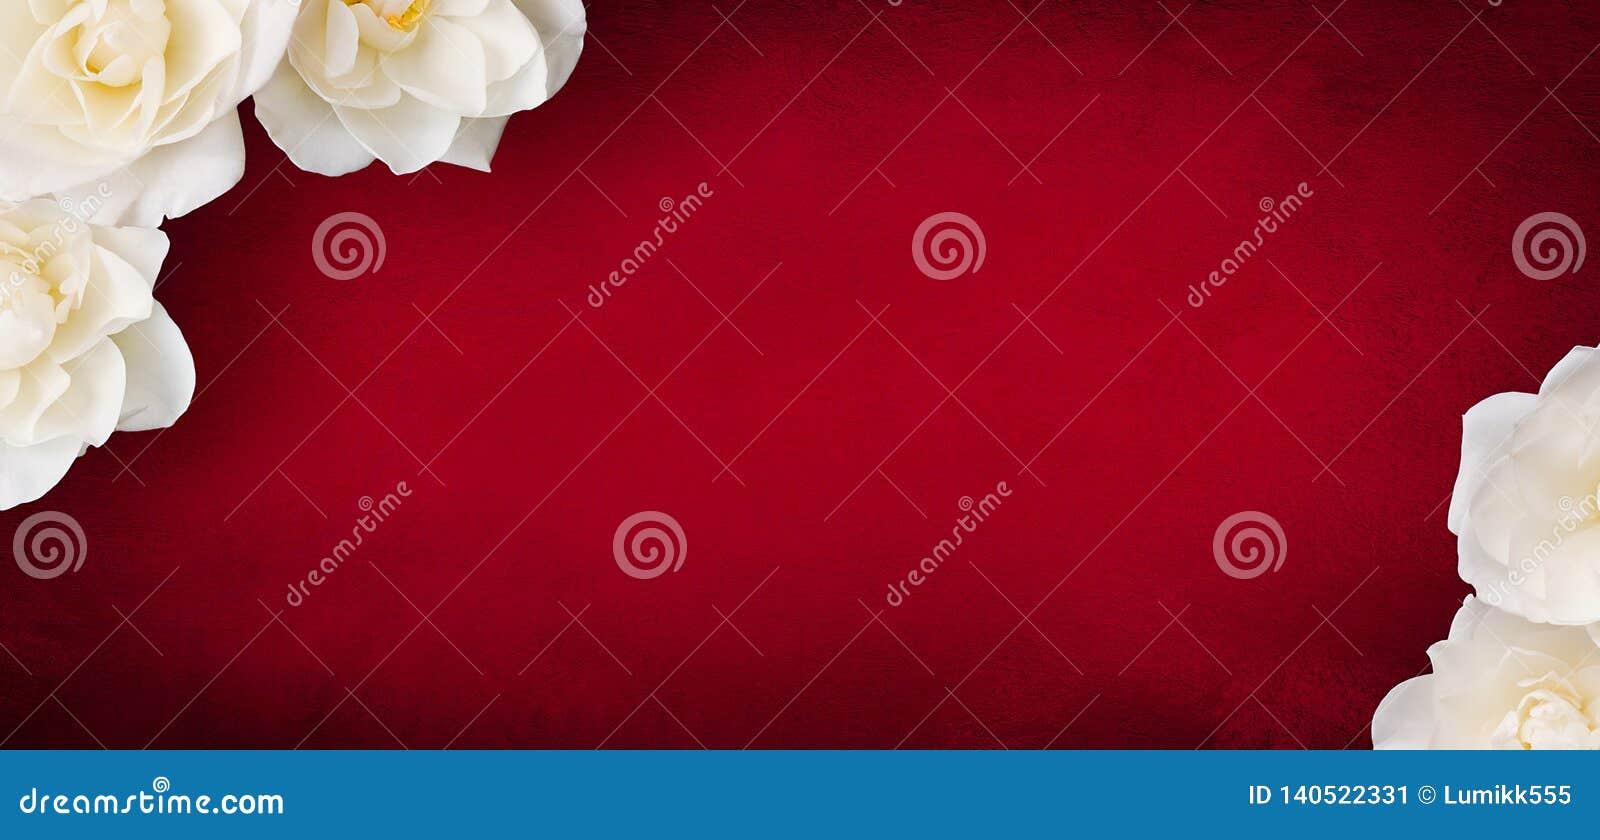 Lyxig modell för kortdesign med blommor för vita rosor